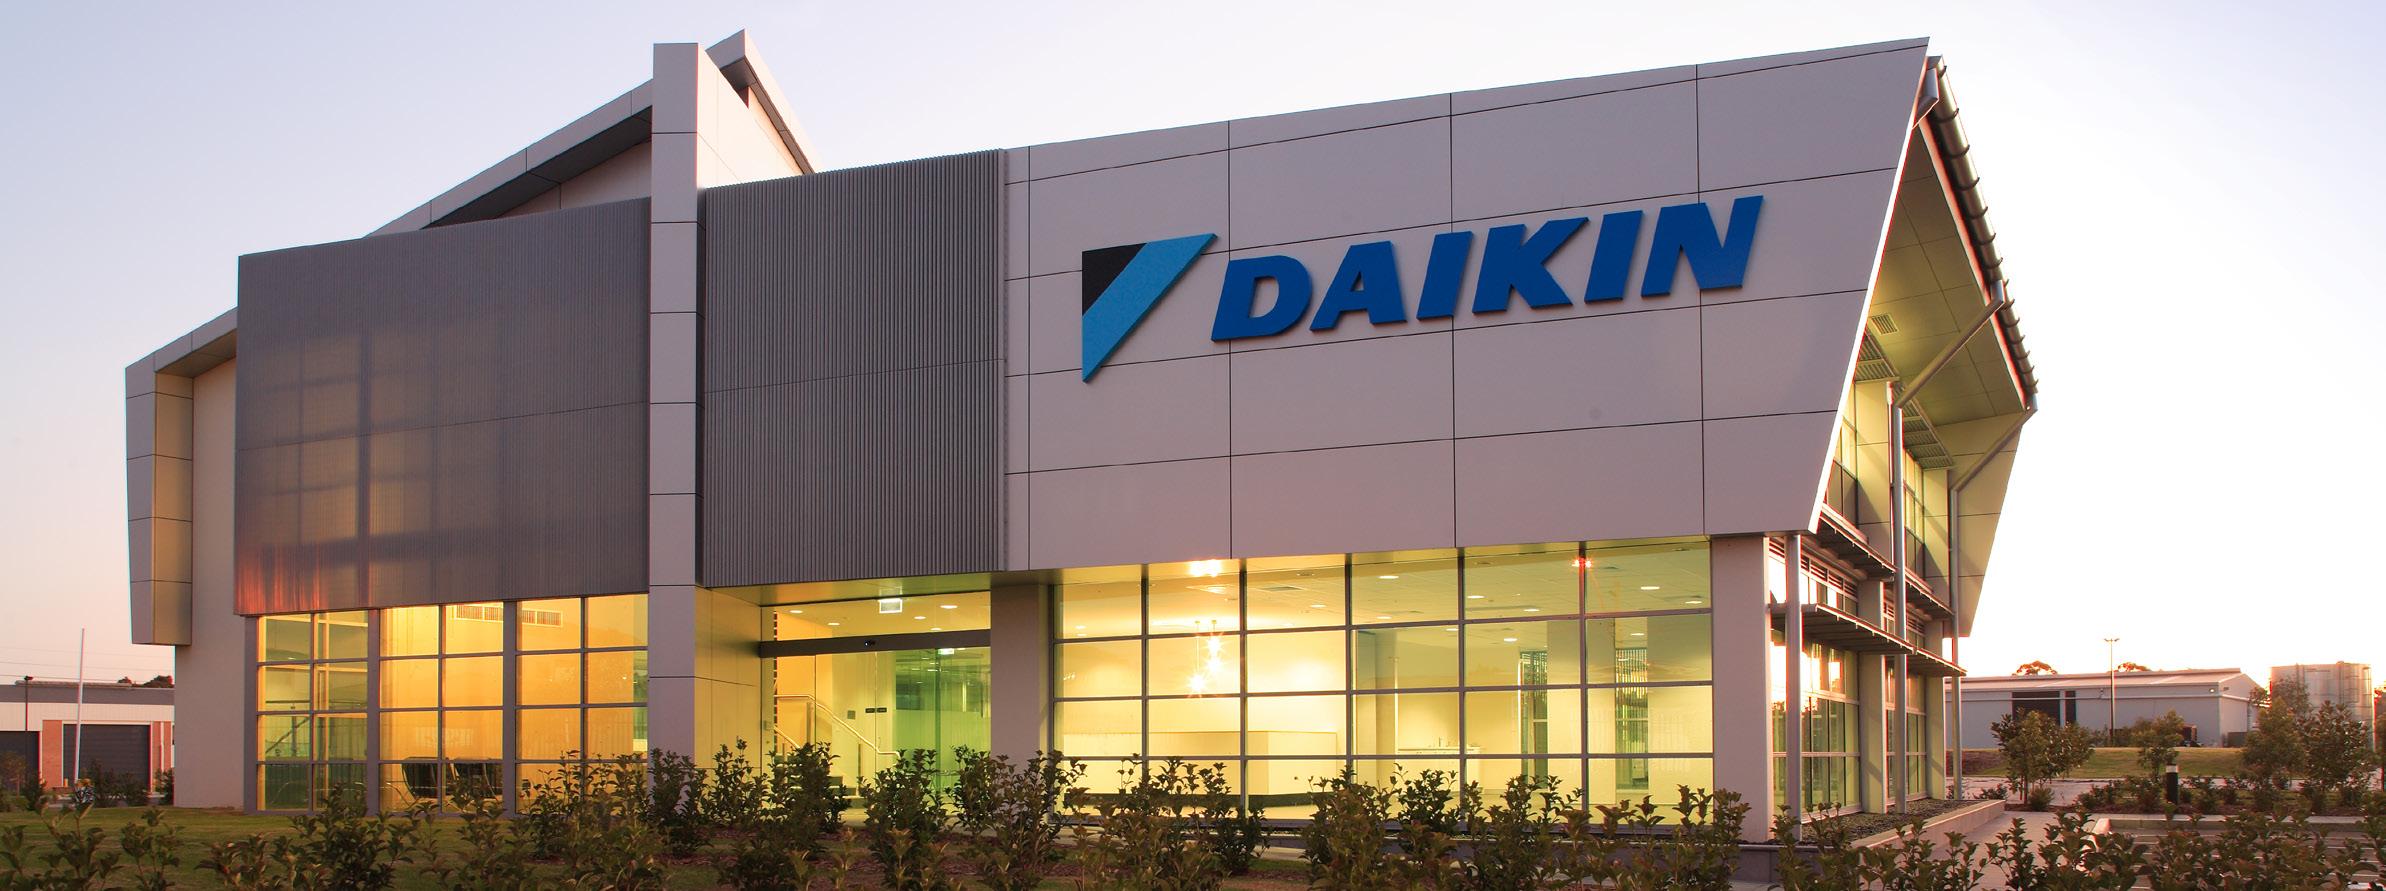 Η DAIKIN εξαγόρασε τη  Zanotti ενισχύοντας την κατηγορία επαγγελματικής ψύξης